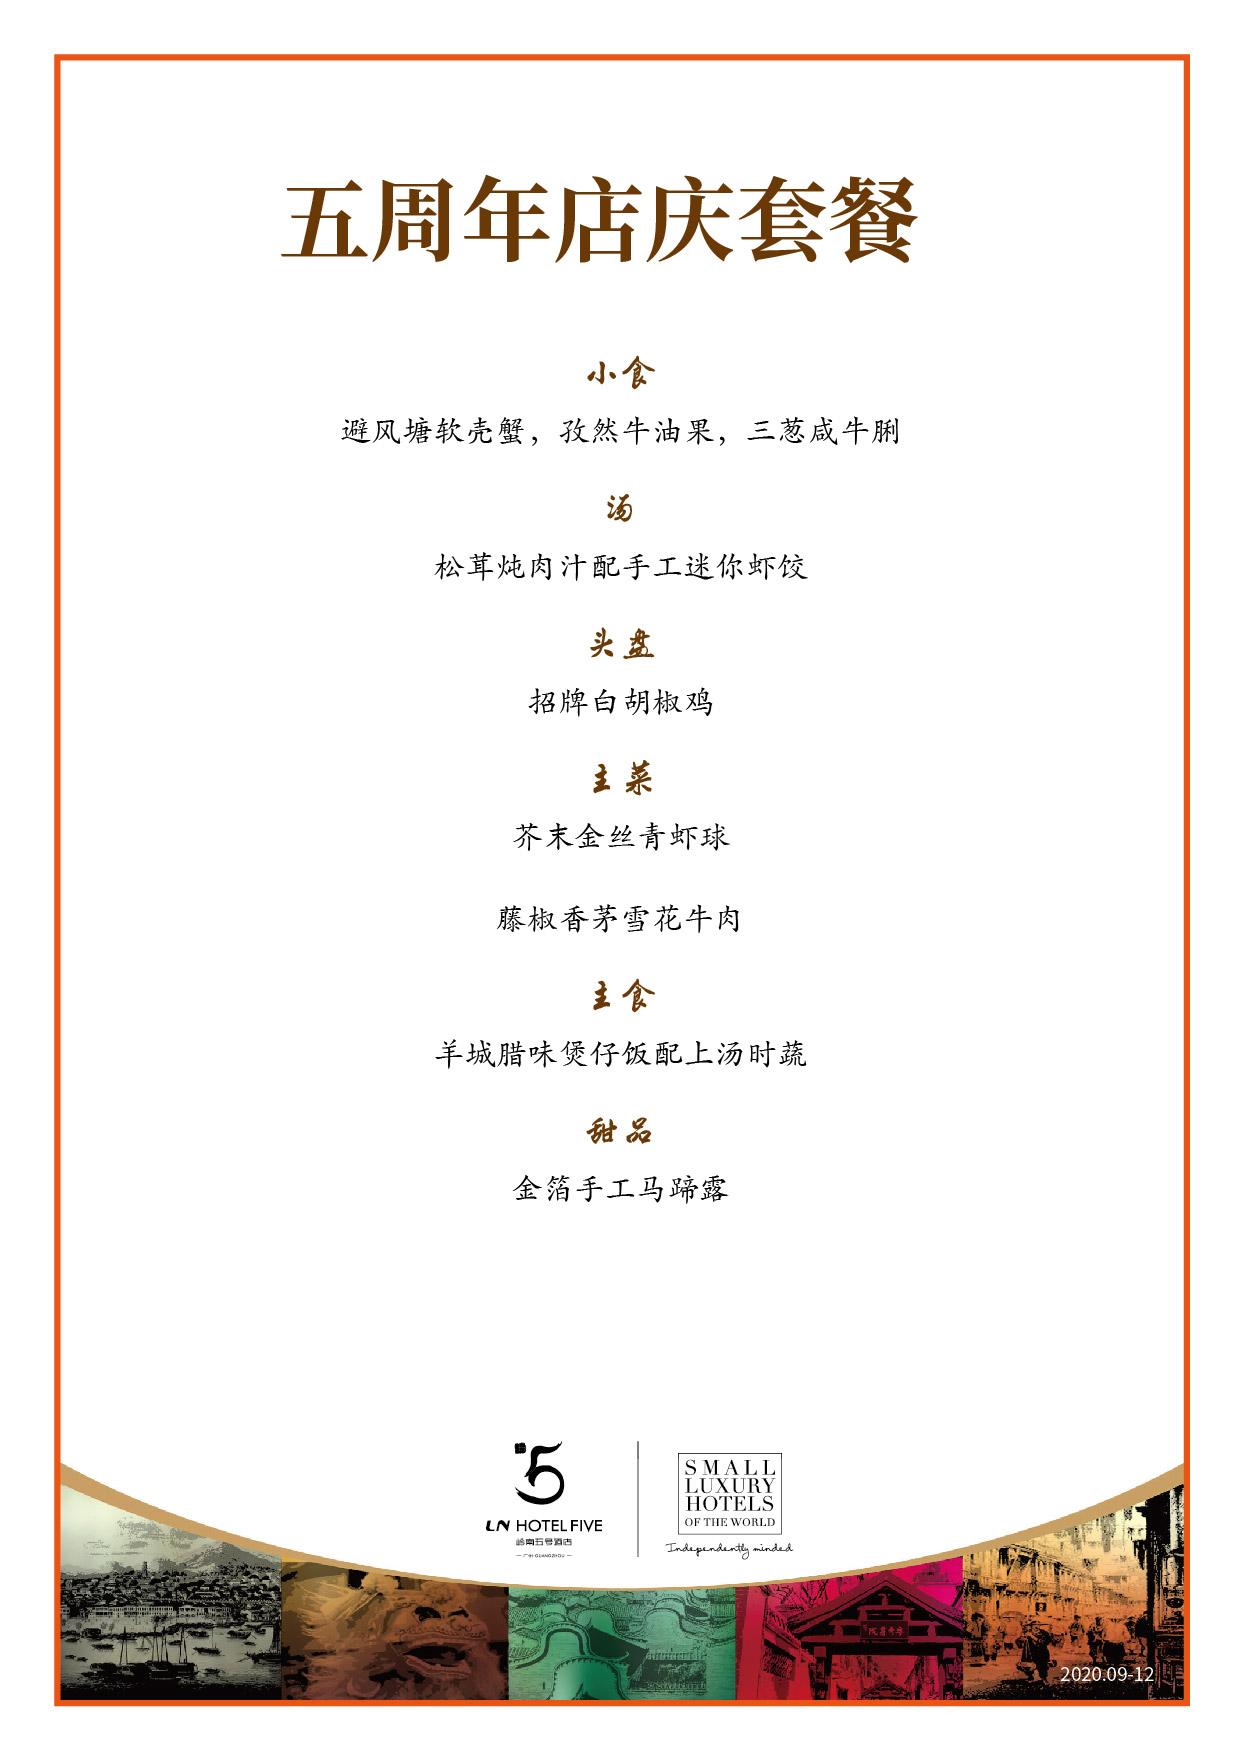 04五周年店庆套餐(已价格删除).jpg